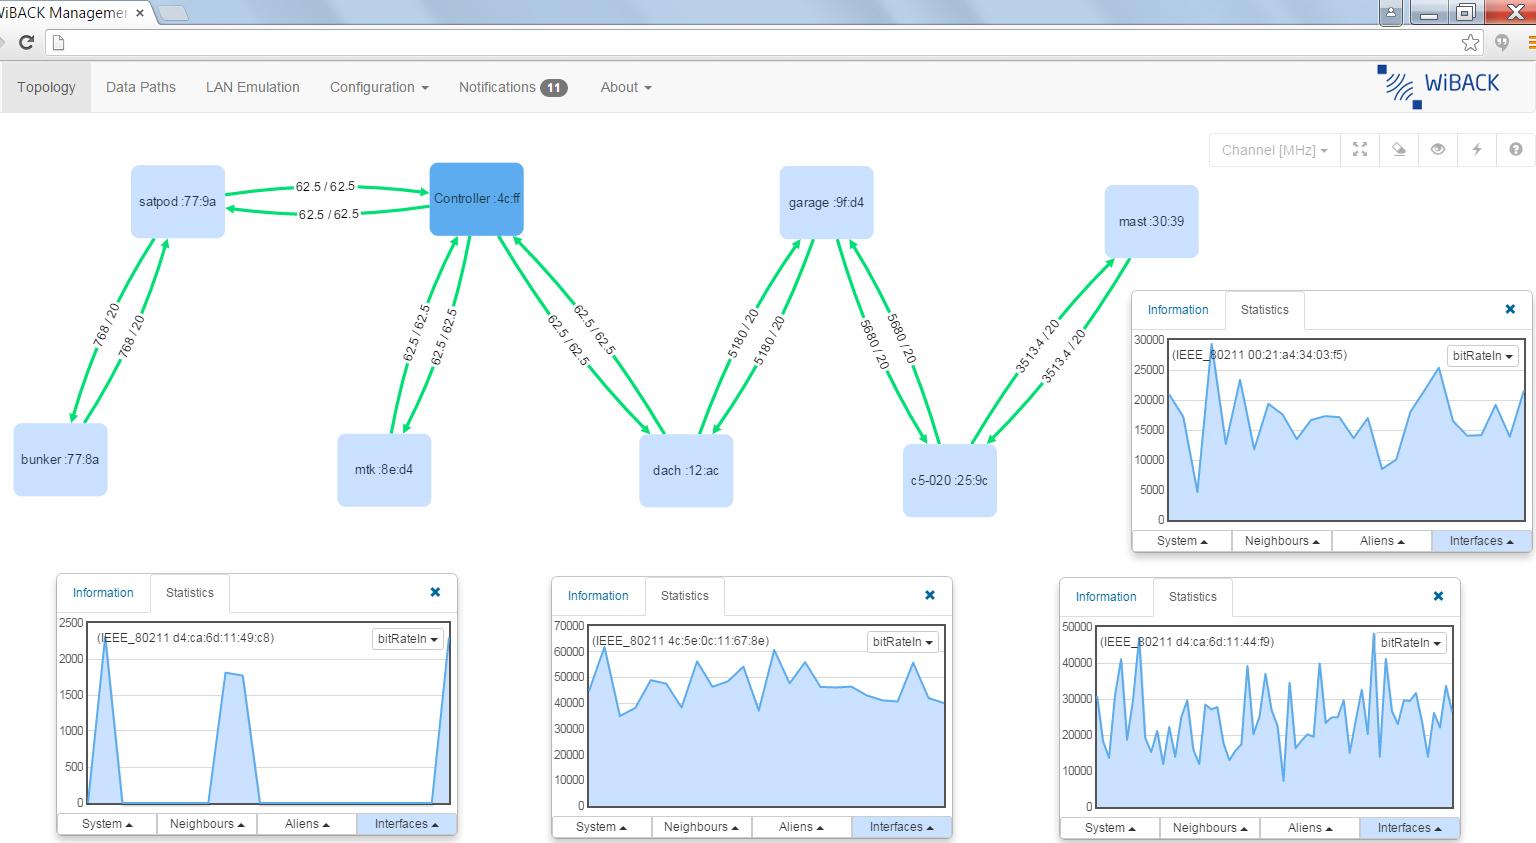 Eine Darstellung des WiBACK-Netzes in der Benutzeroberfläche, zum Monitoring der Qualität und Funktionalität.